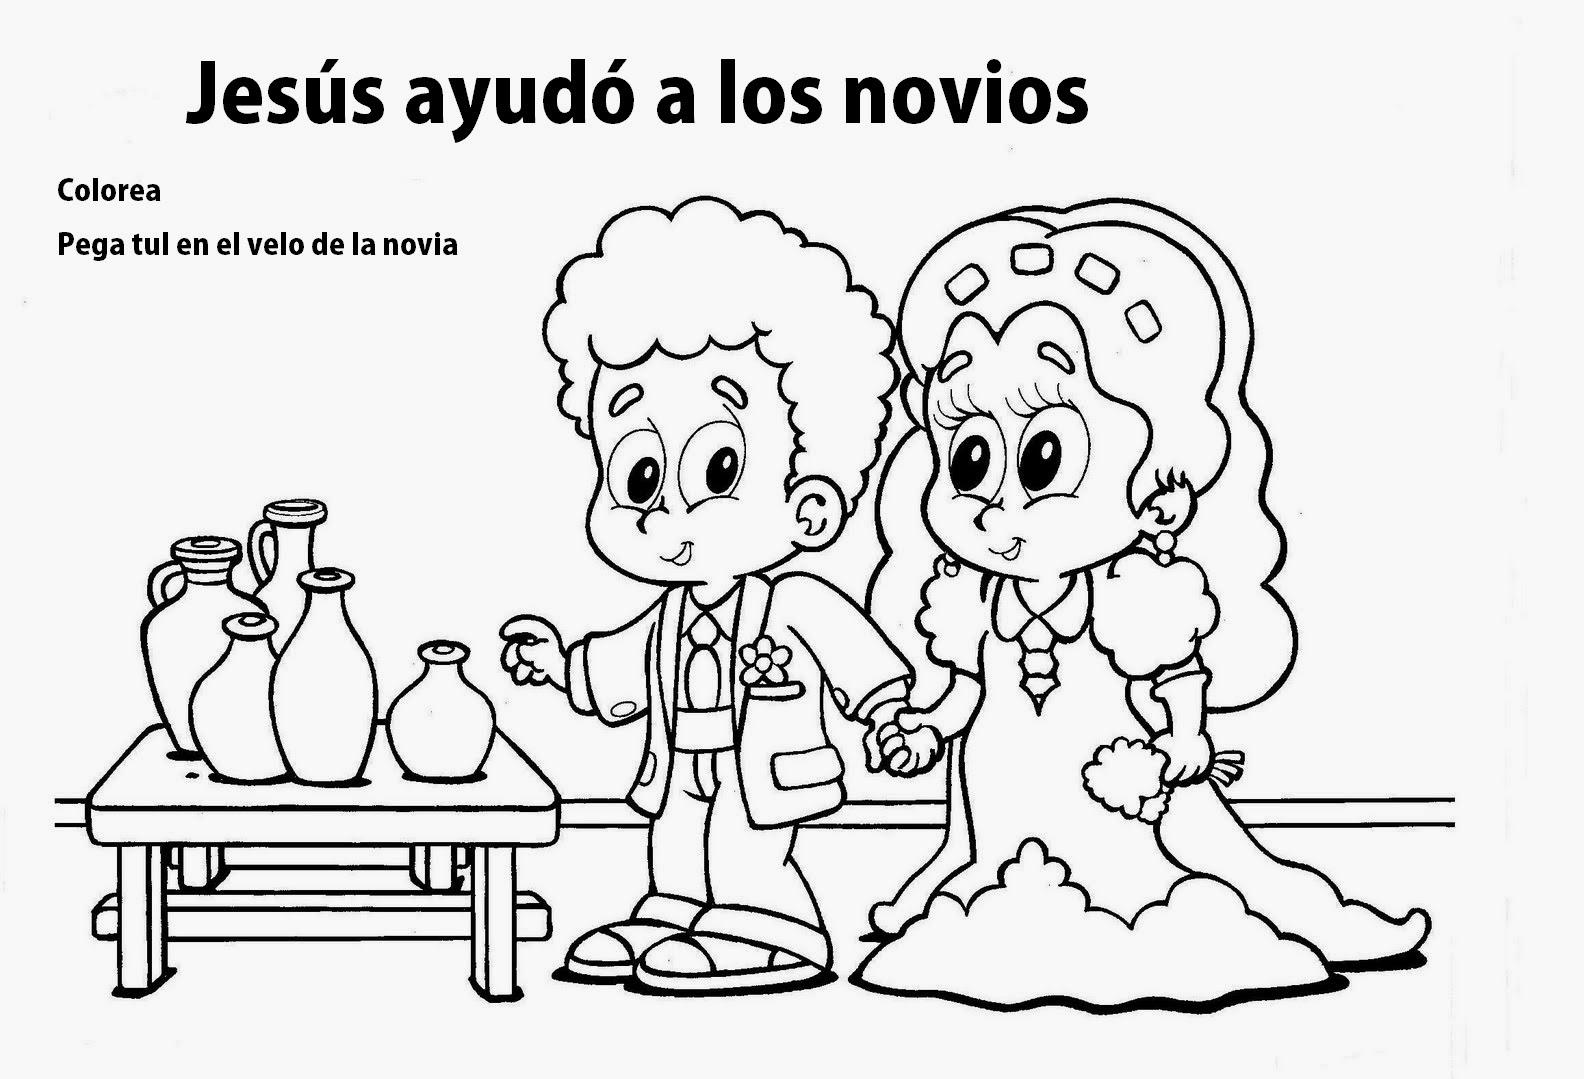 ME ABURRE LA RELIGIÓN: LAS BODAS DE CANAÁ